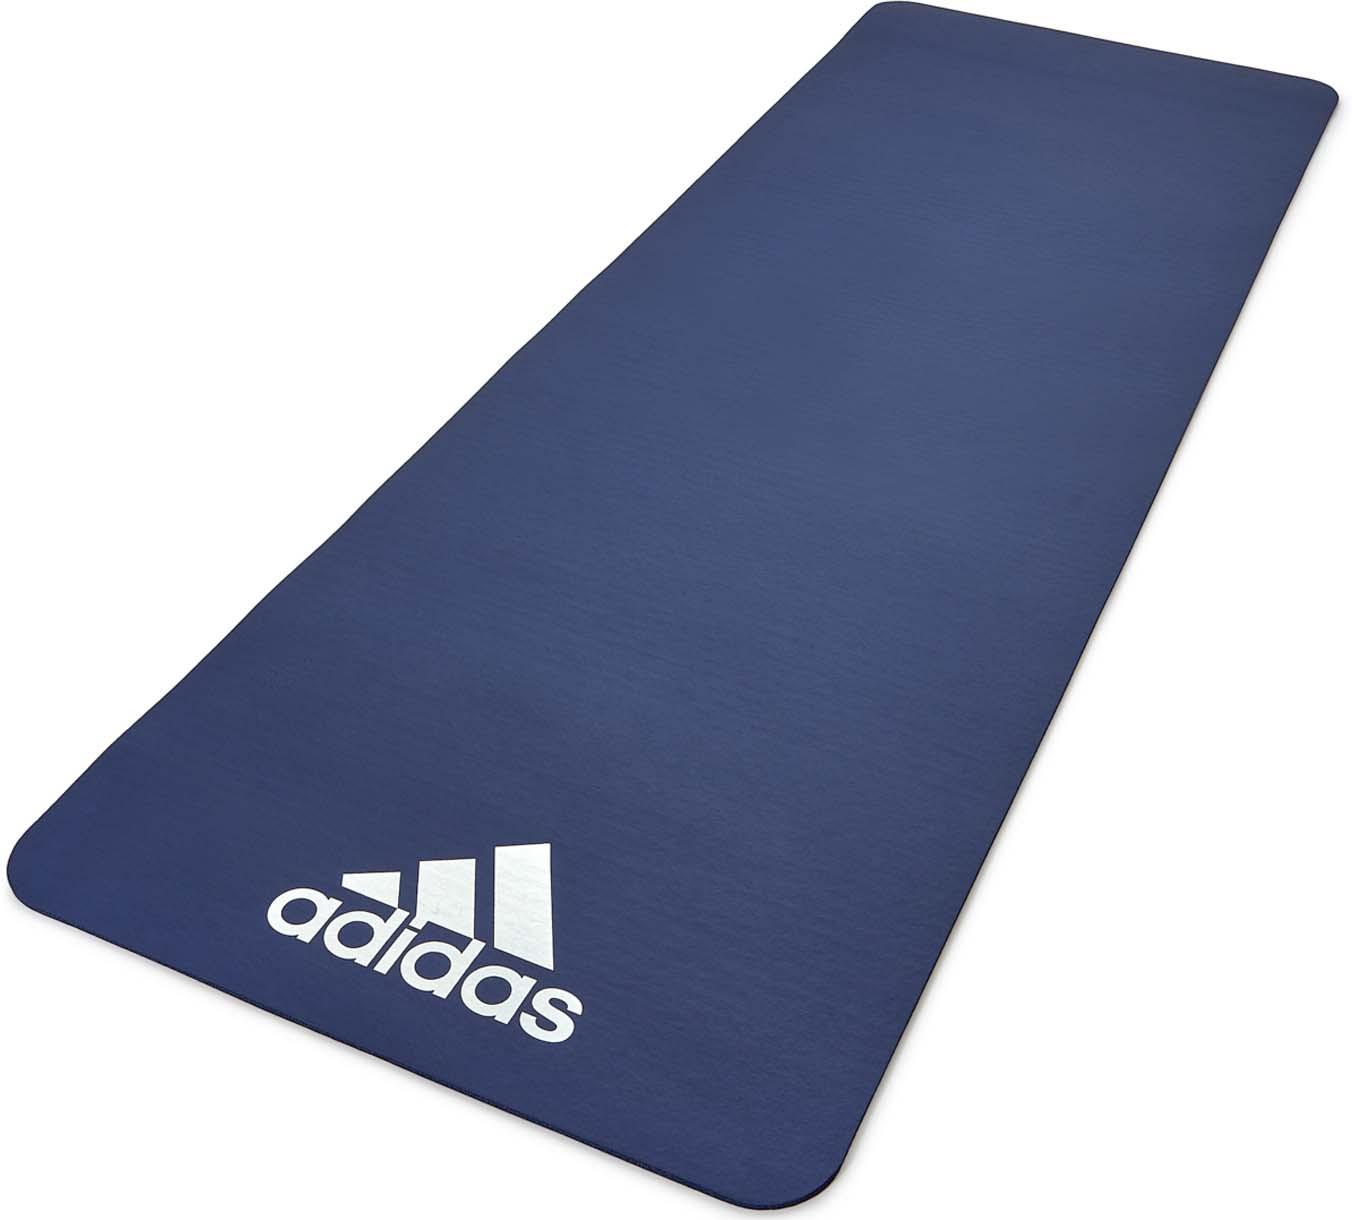 Коврик тренировочный Adidas, цвет: синий, толщина 7 мм, длина 173 см